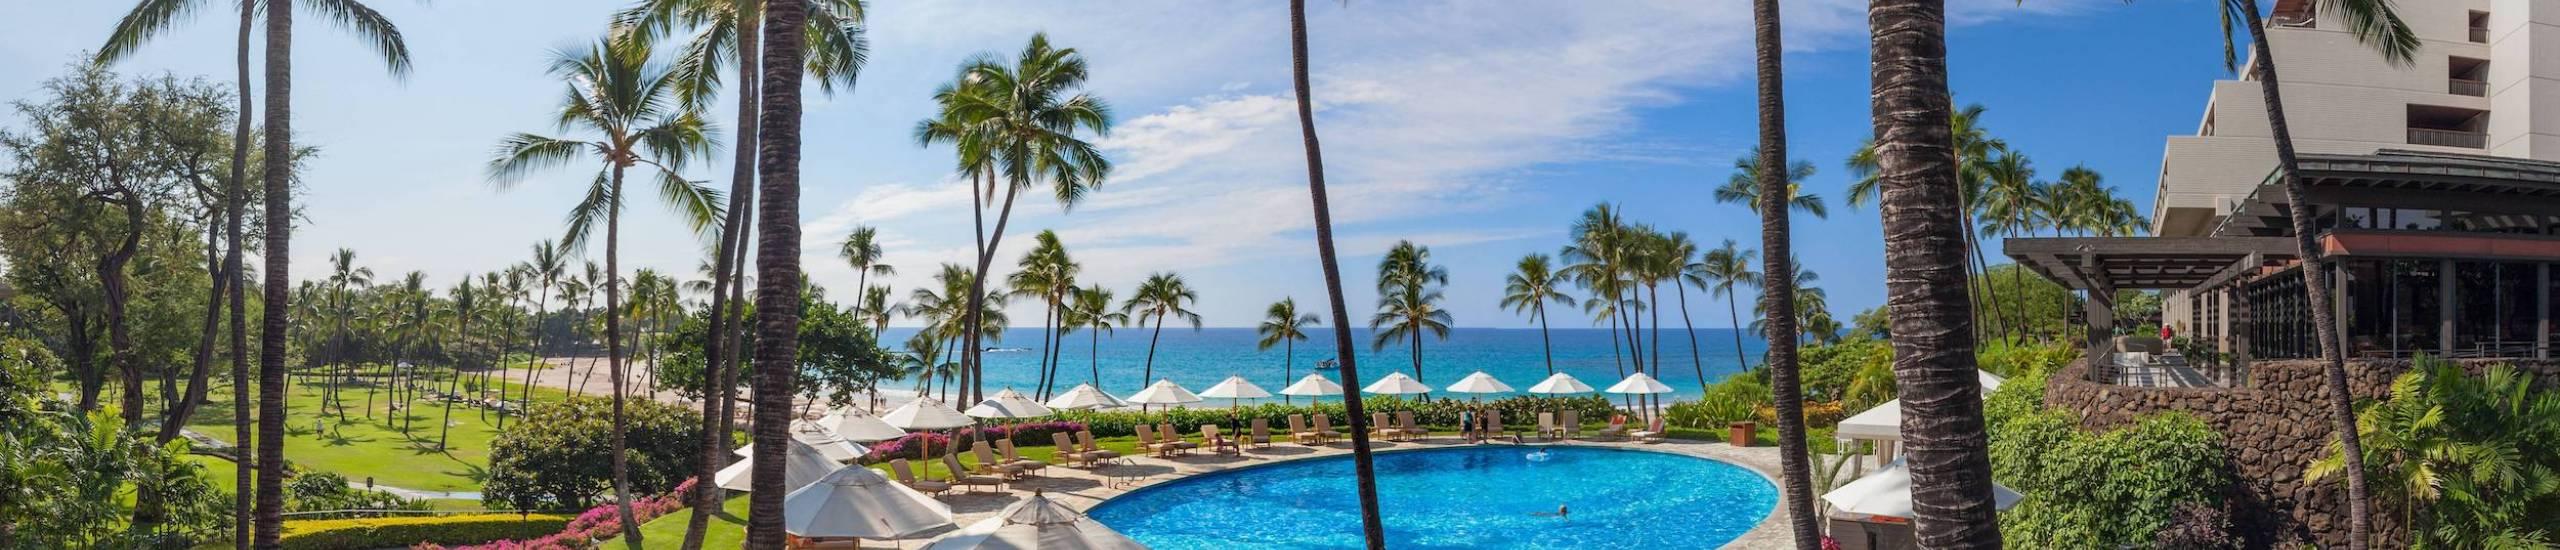 Hapuna Beach Pool - Mauna Kea